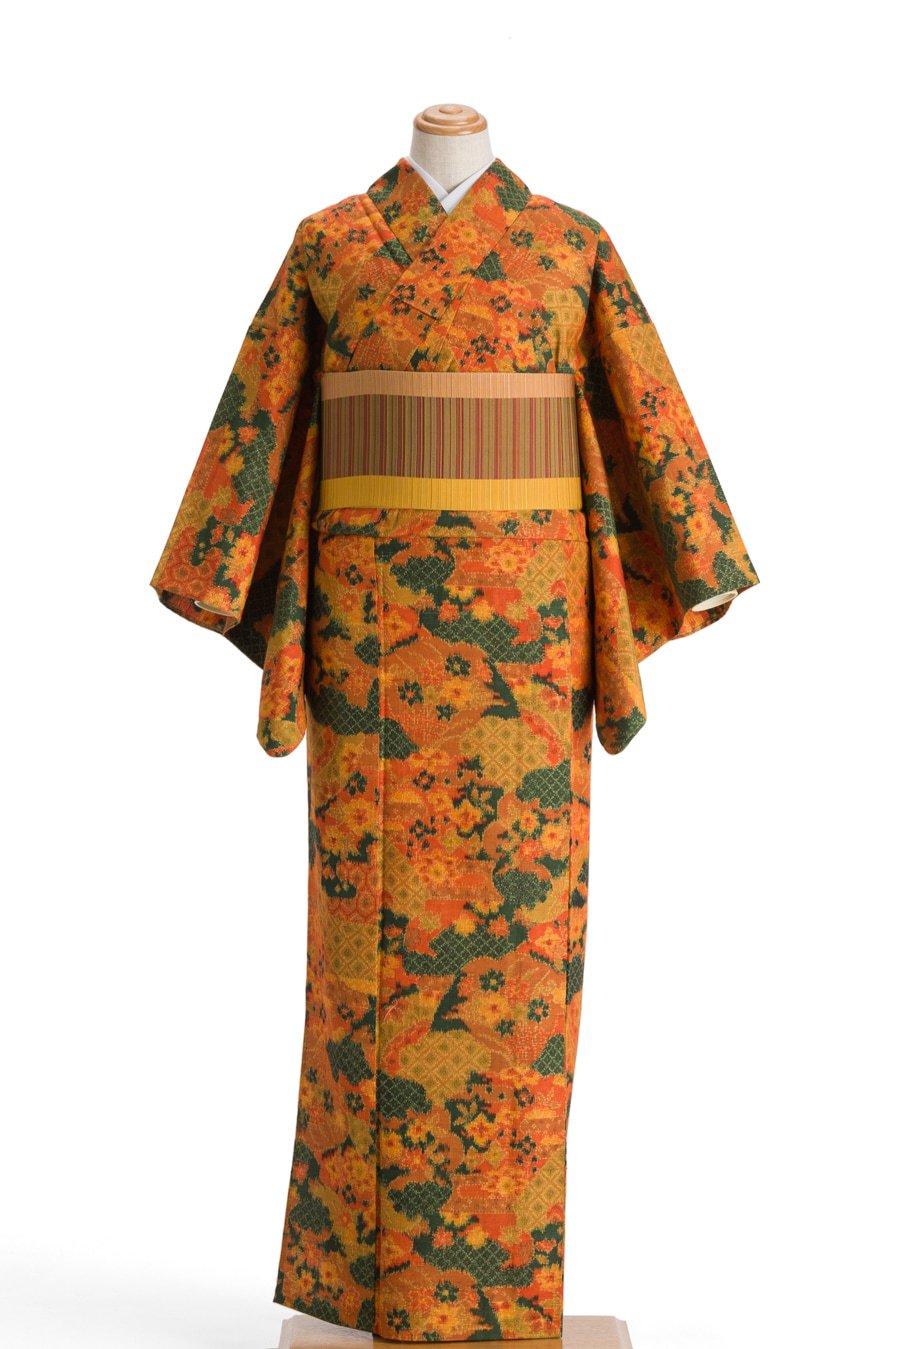 「単衣 紬 雲取りに花」の商品画像